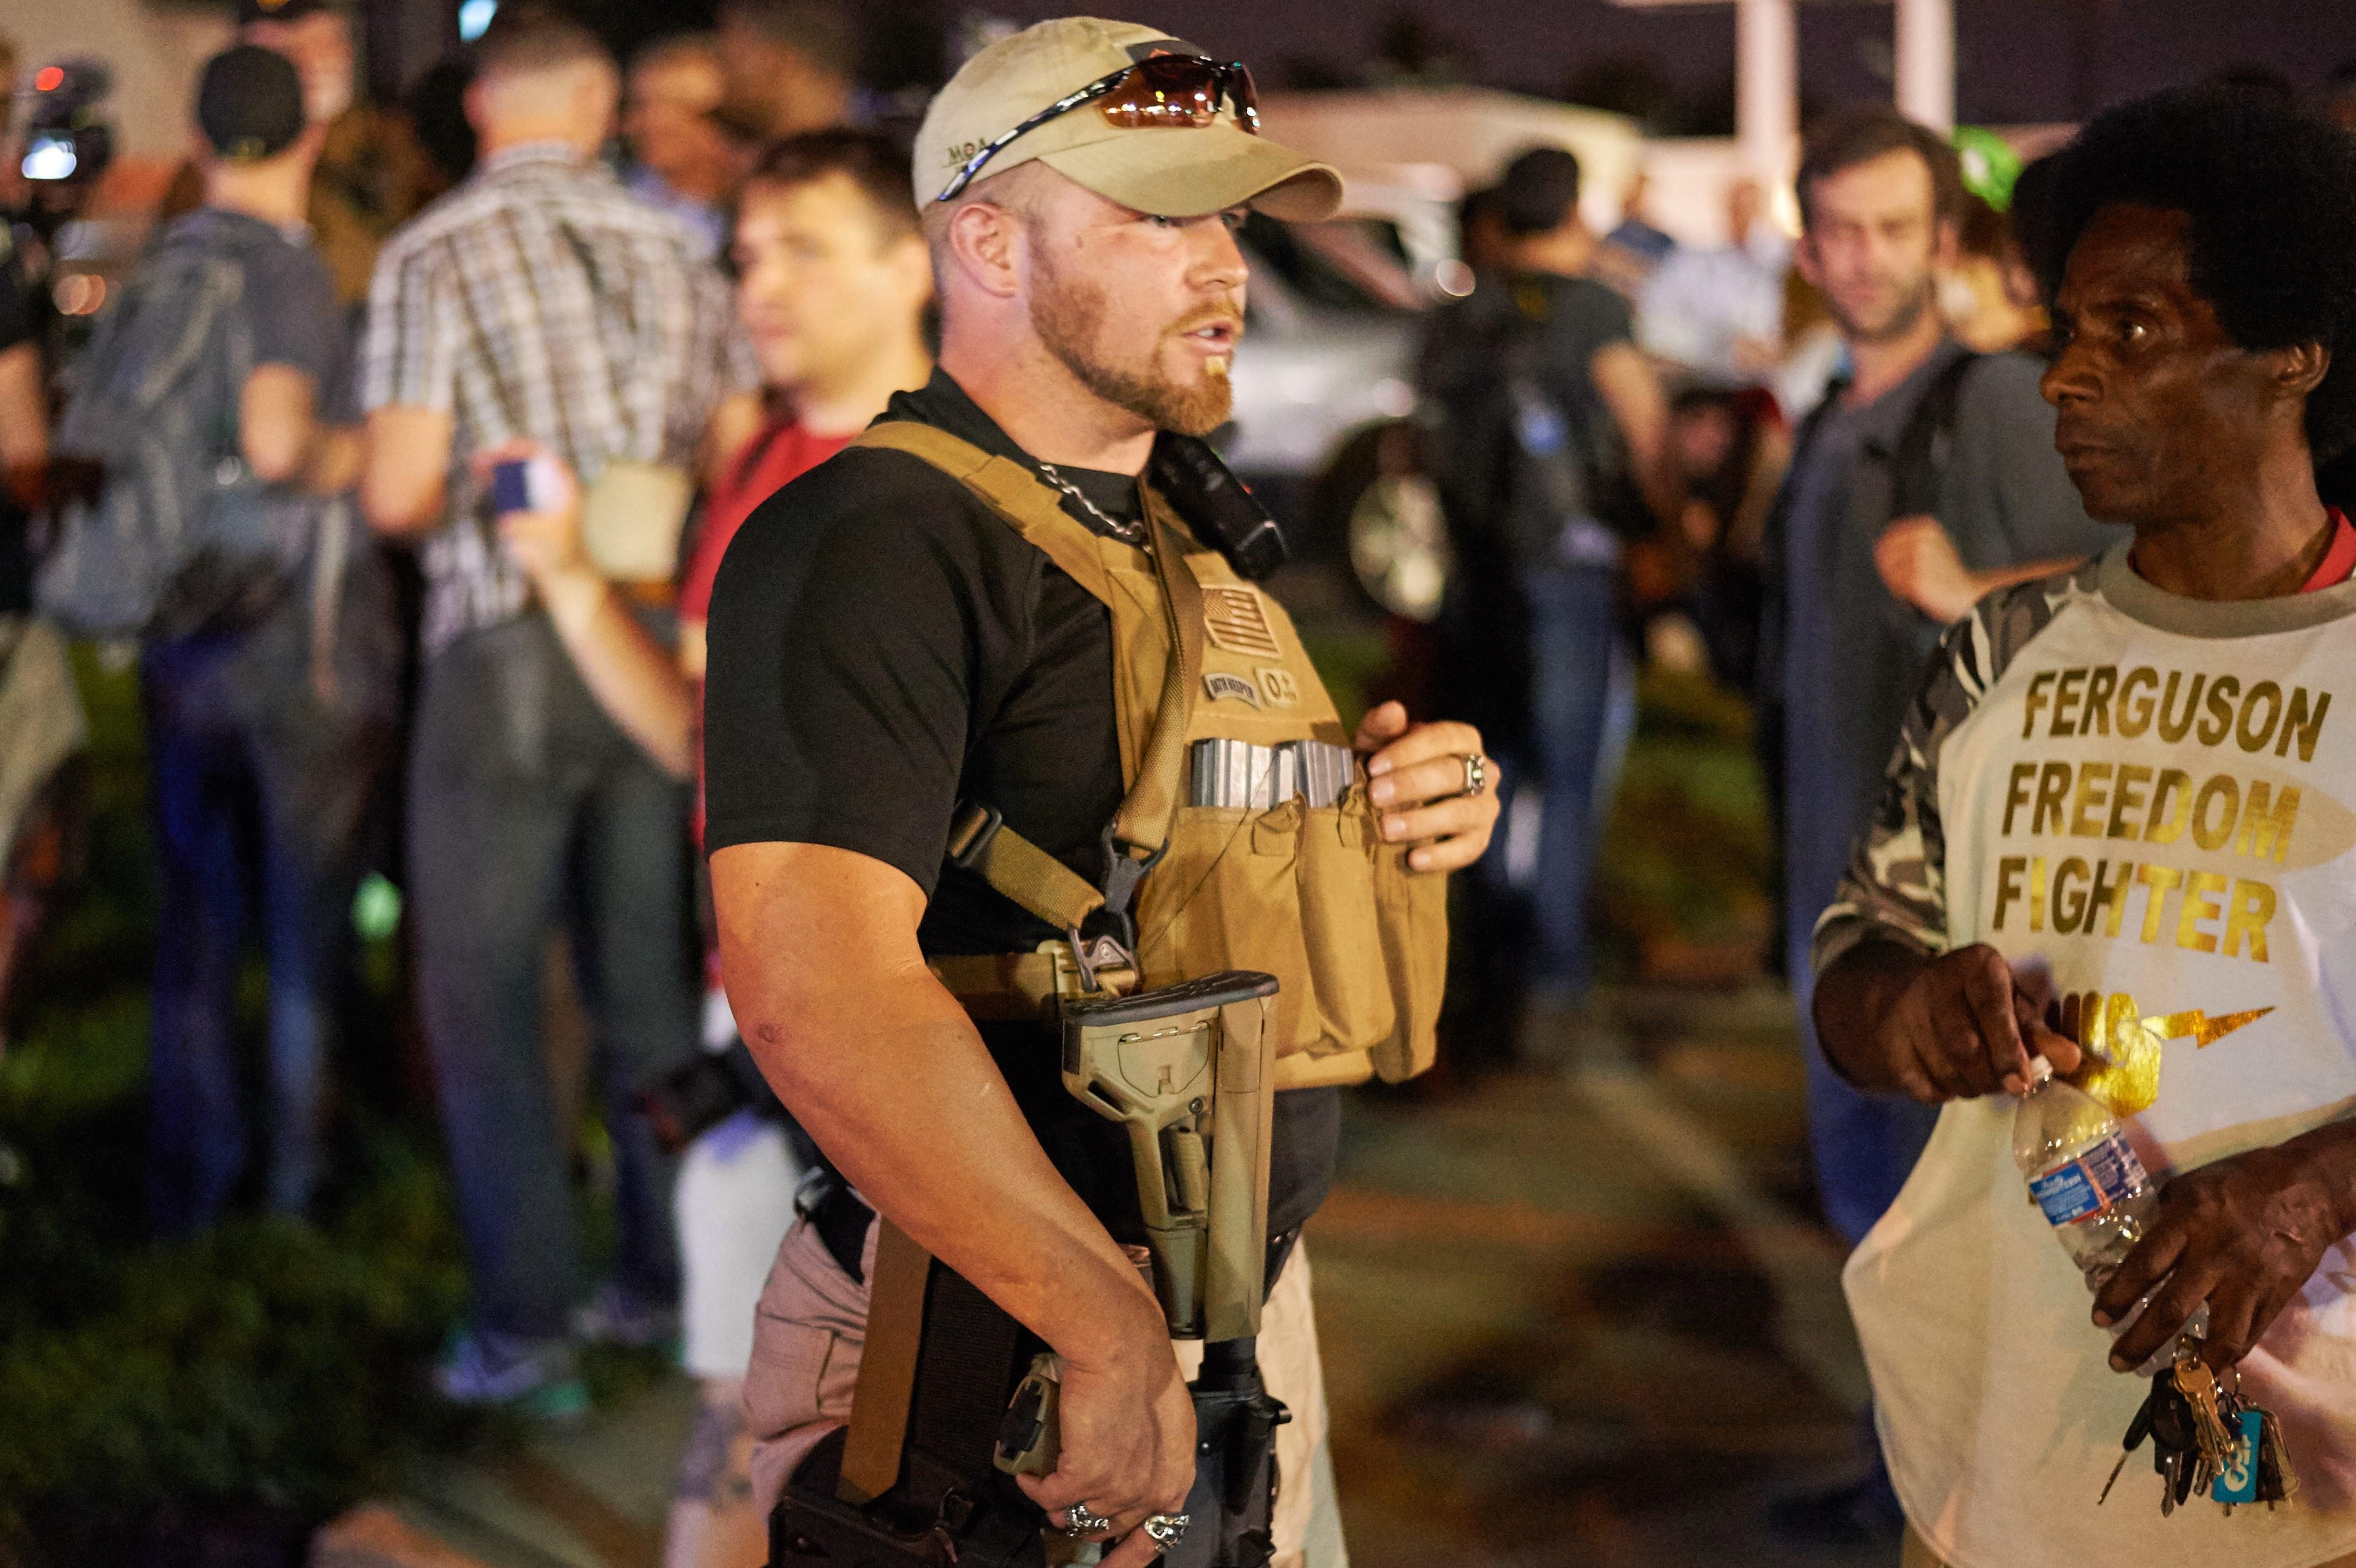 Oath Keepers, Oathkeepers, Oath Keepers Ferguson, Ferguson militia